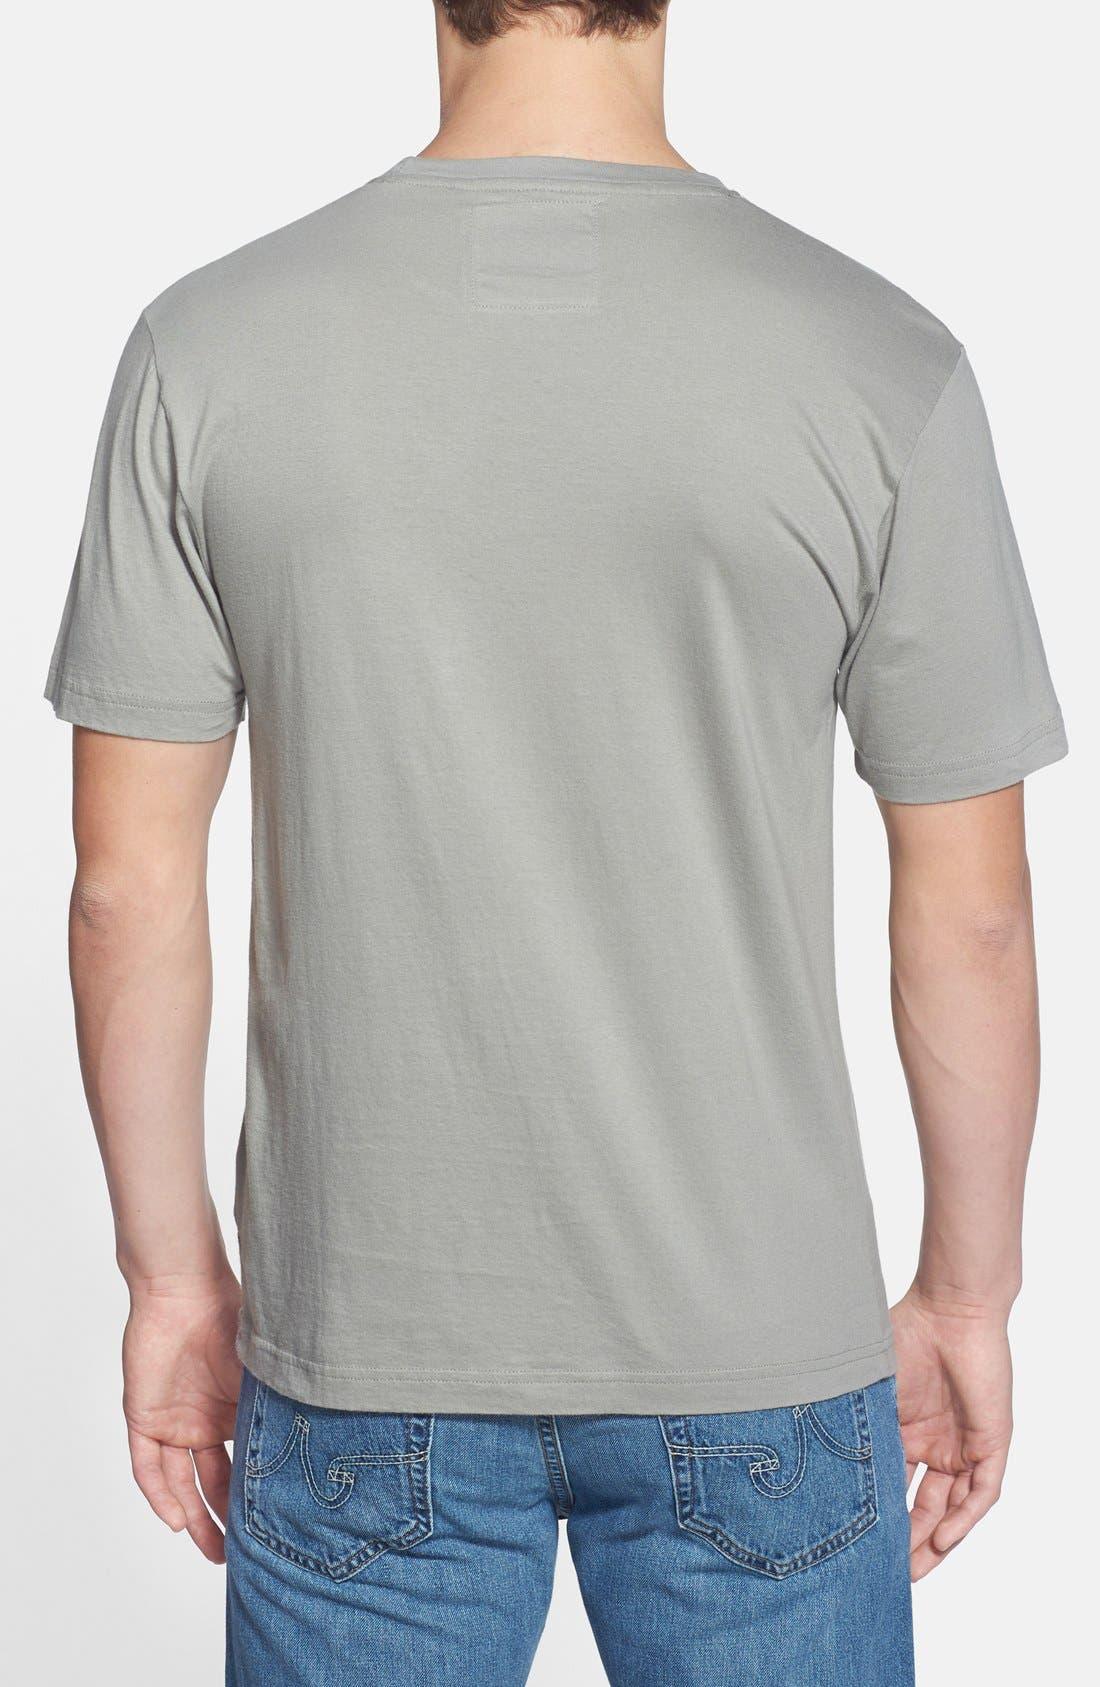 'St. Louis Cardinals - Brass Tacks' T-Shirt,                             Alternate thumbnail 2, color,                             Grey